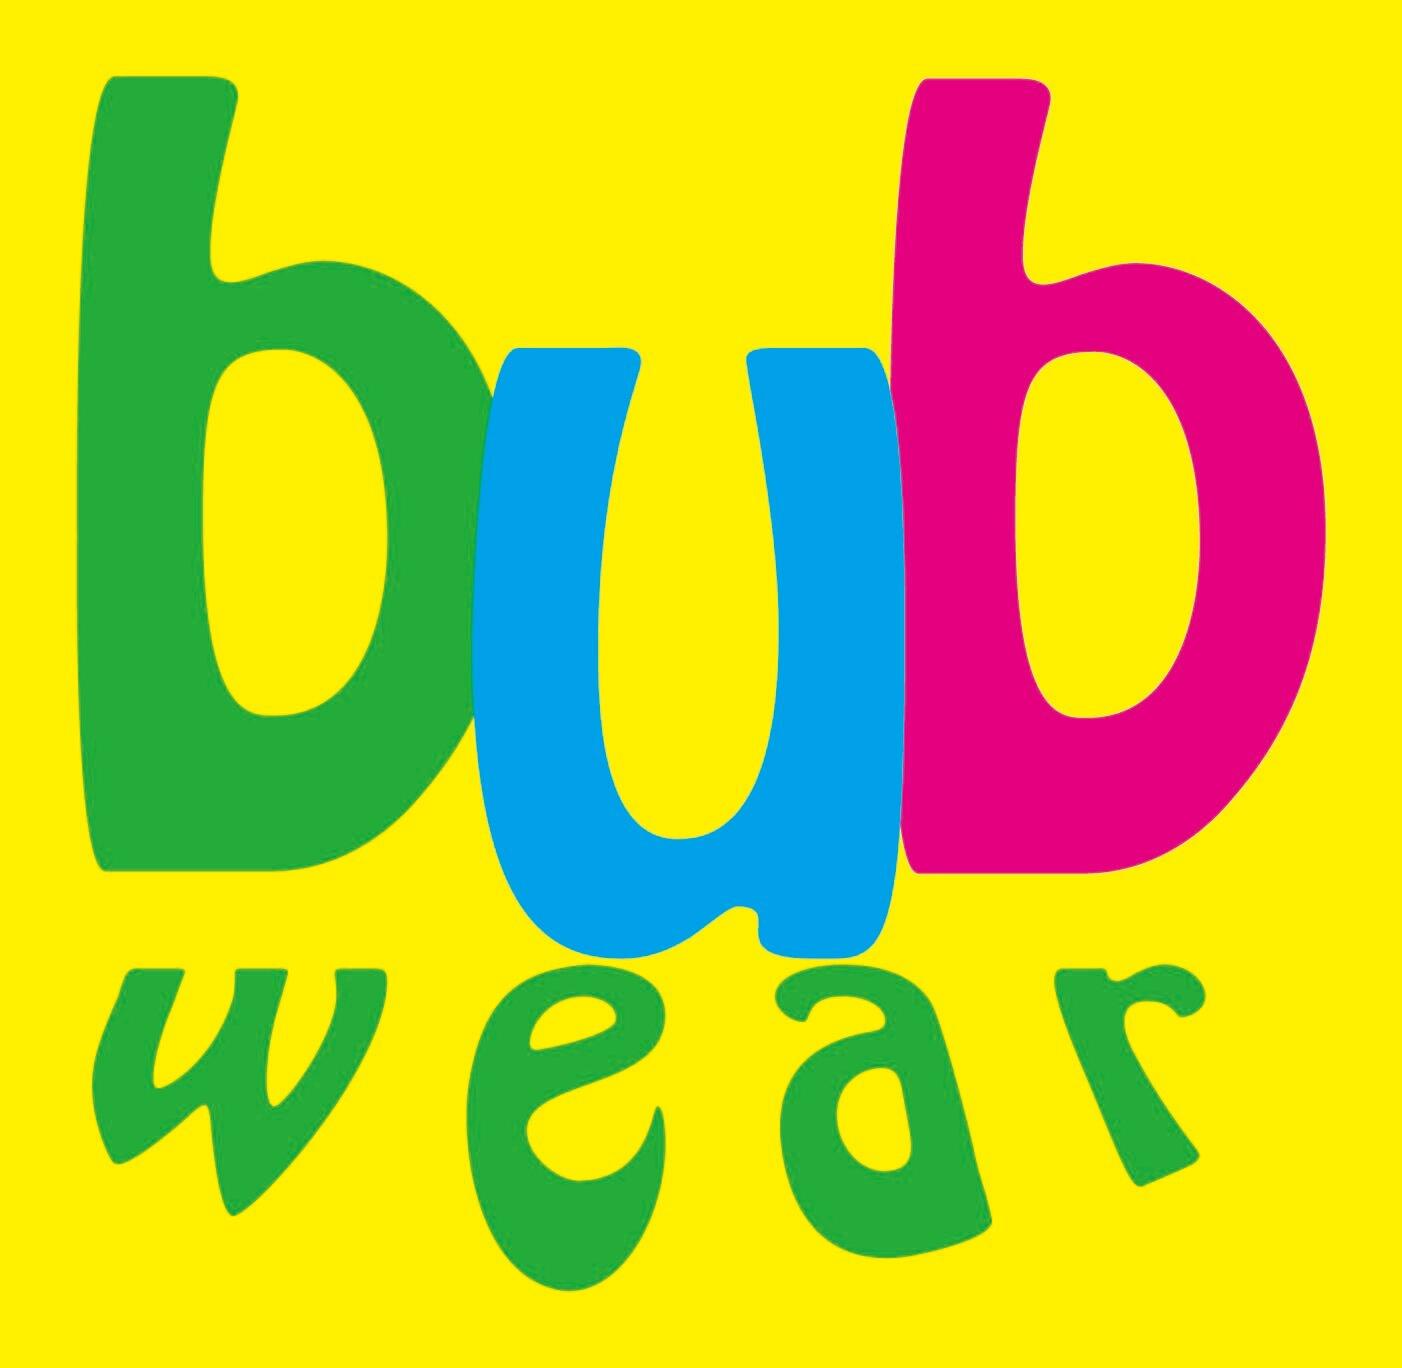 bub wear